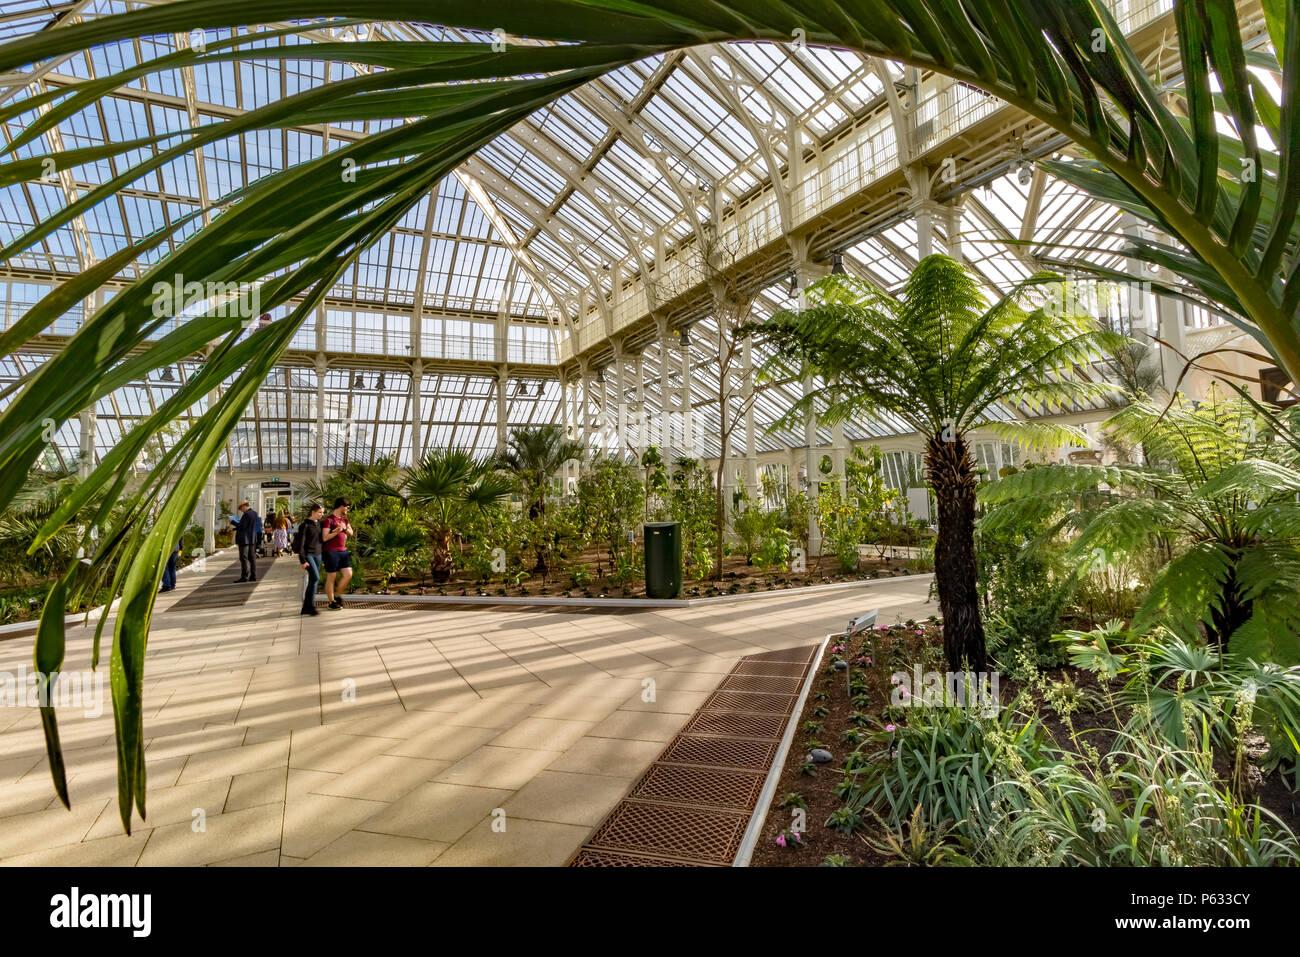 La gente que visita los Jardines de Kew en la recién restaurada casa templada que ya reabrió sus puertas a los visitantes después de un proyecto de restauración de 5 años, en mayo de 2018 Imagen De Stock